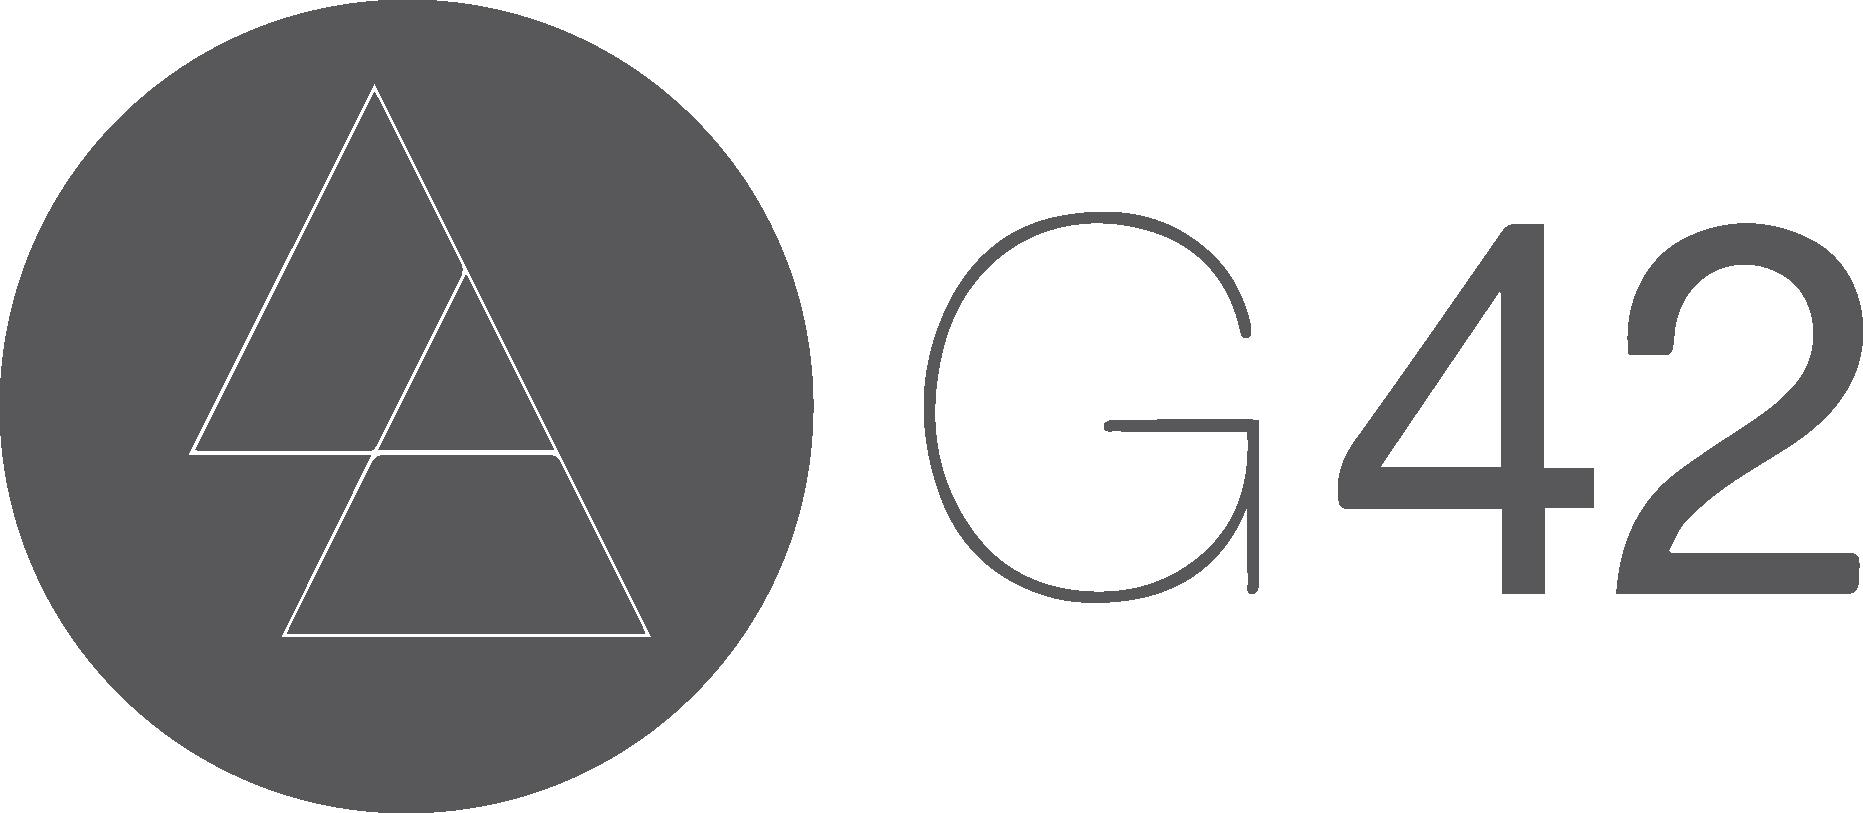 G42logo.png